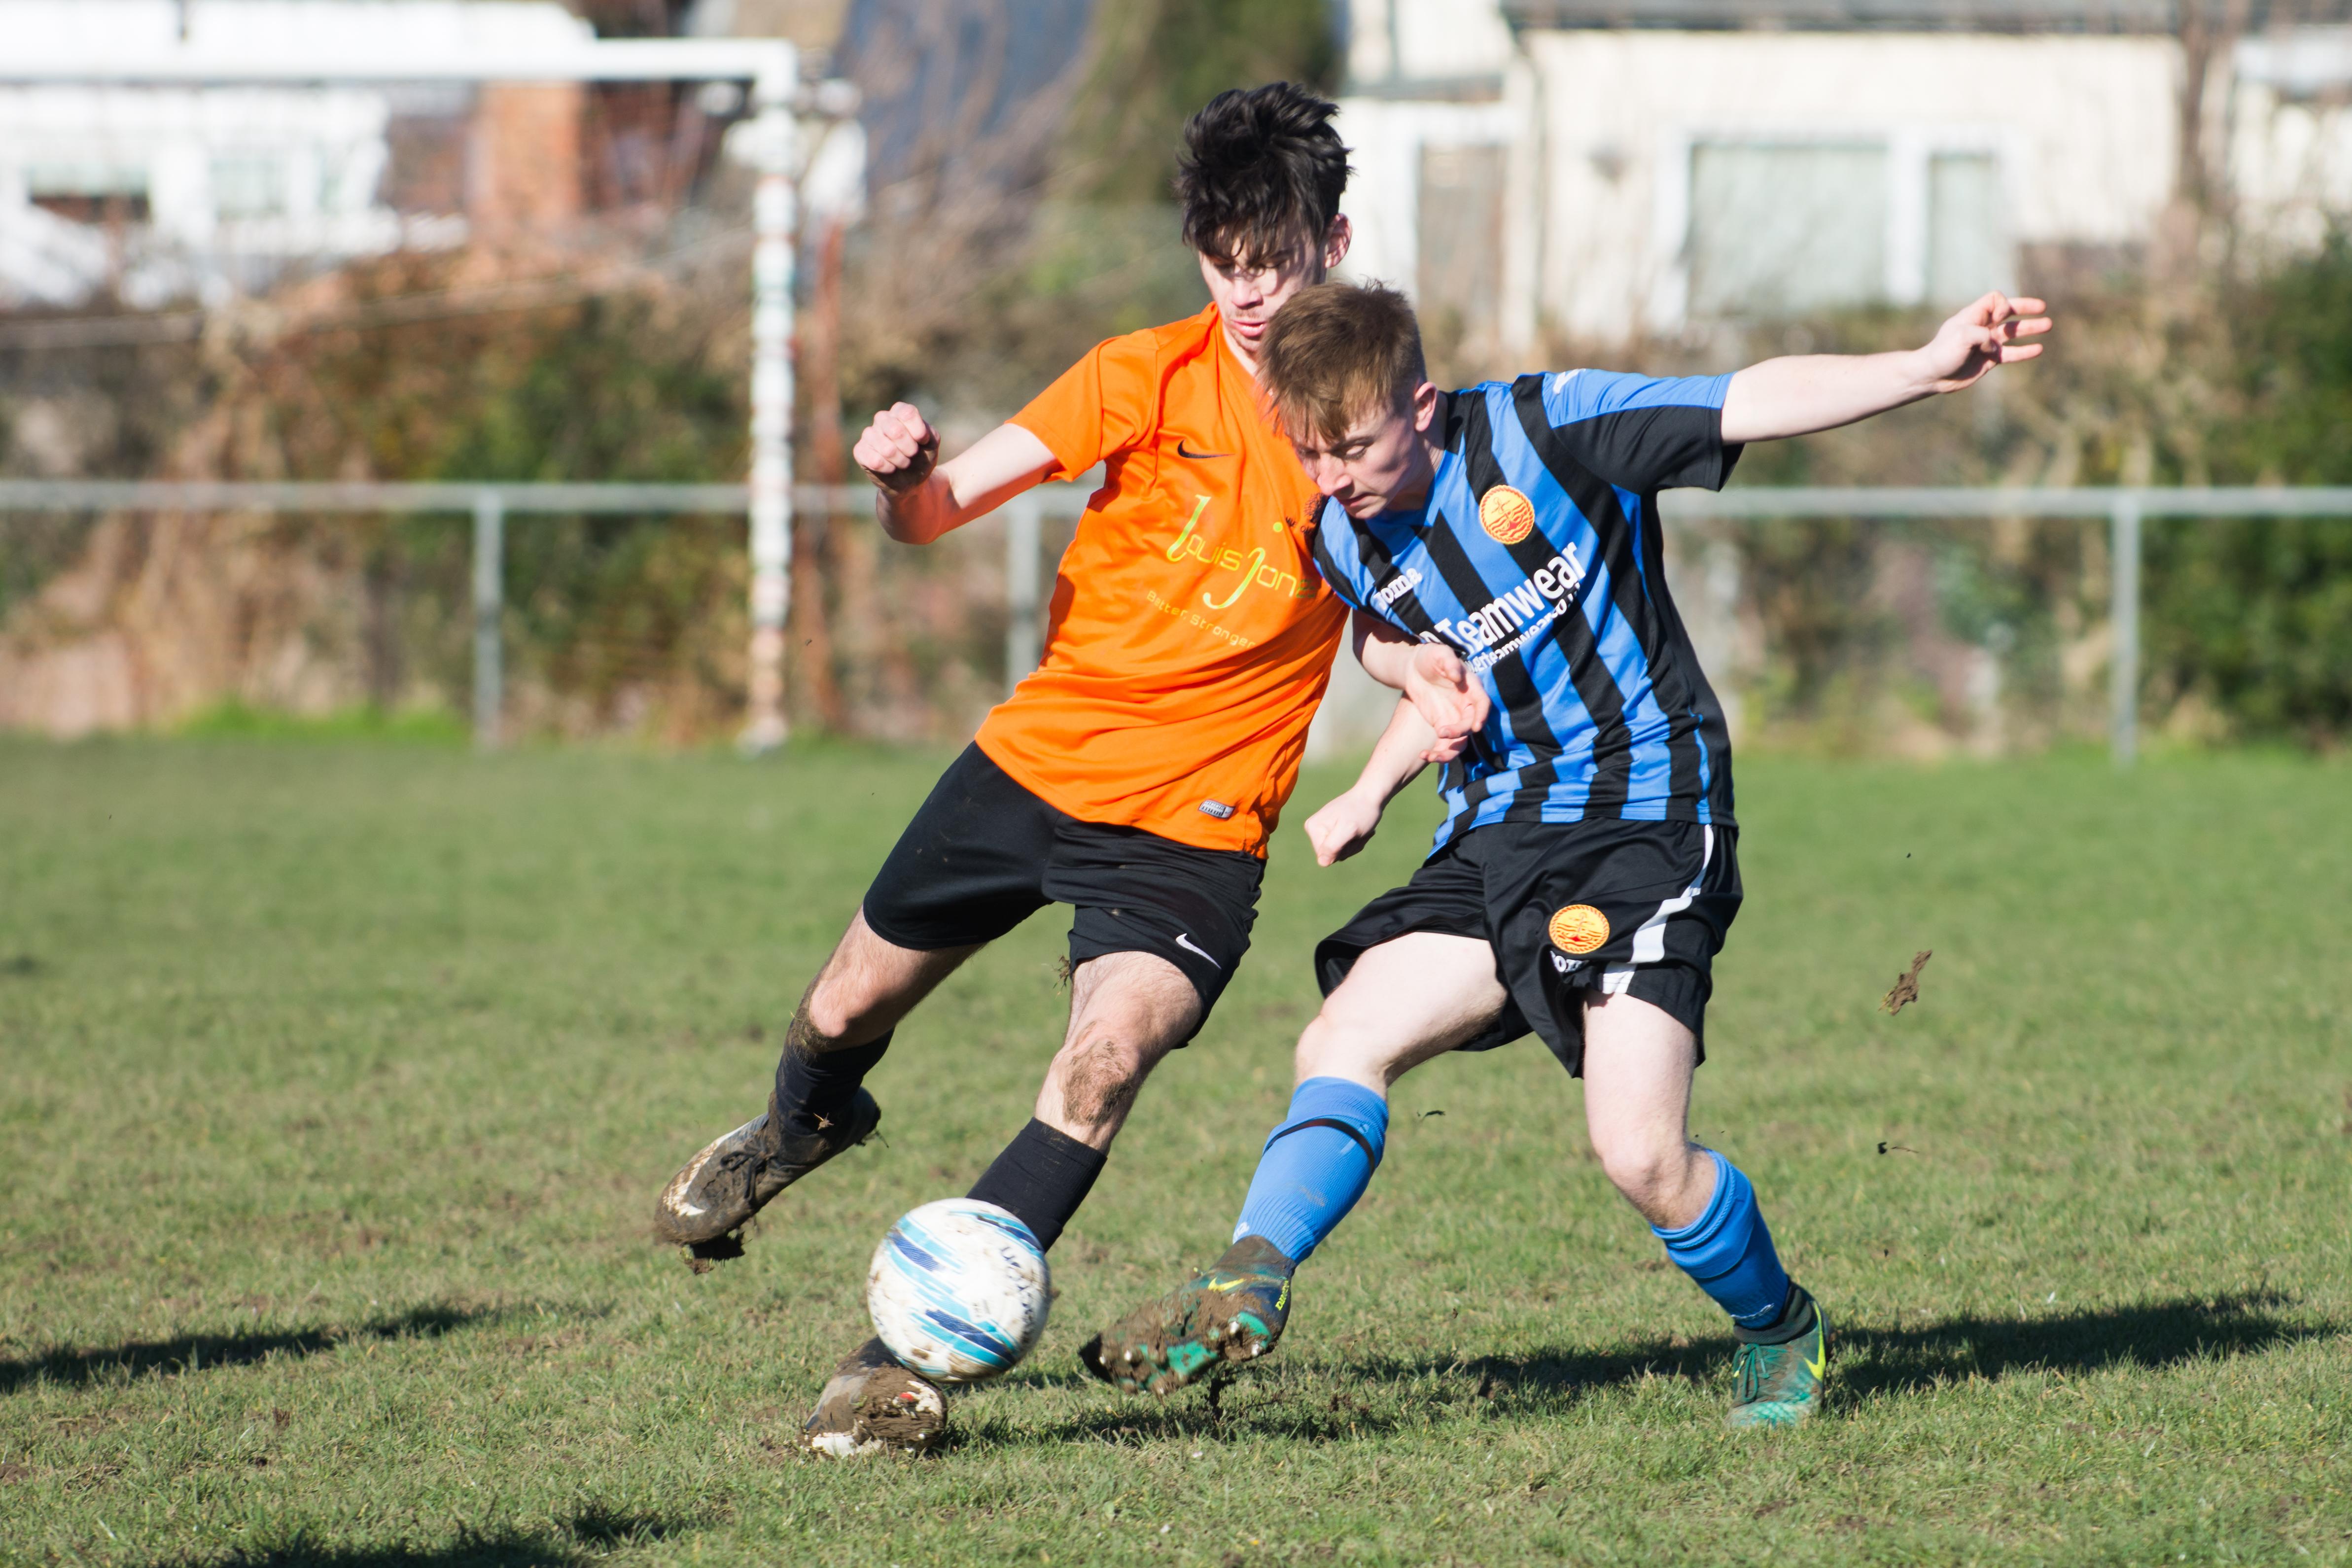 Mile Oak FC U18s vs Newhaven FC U18s 04.02.18 06